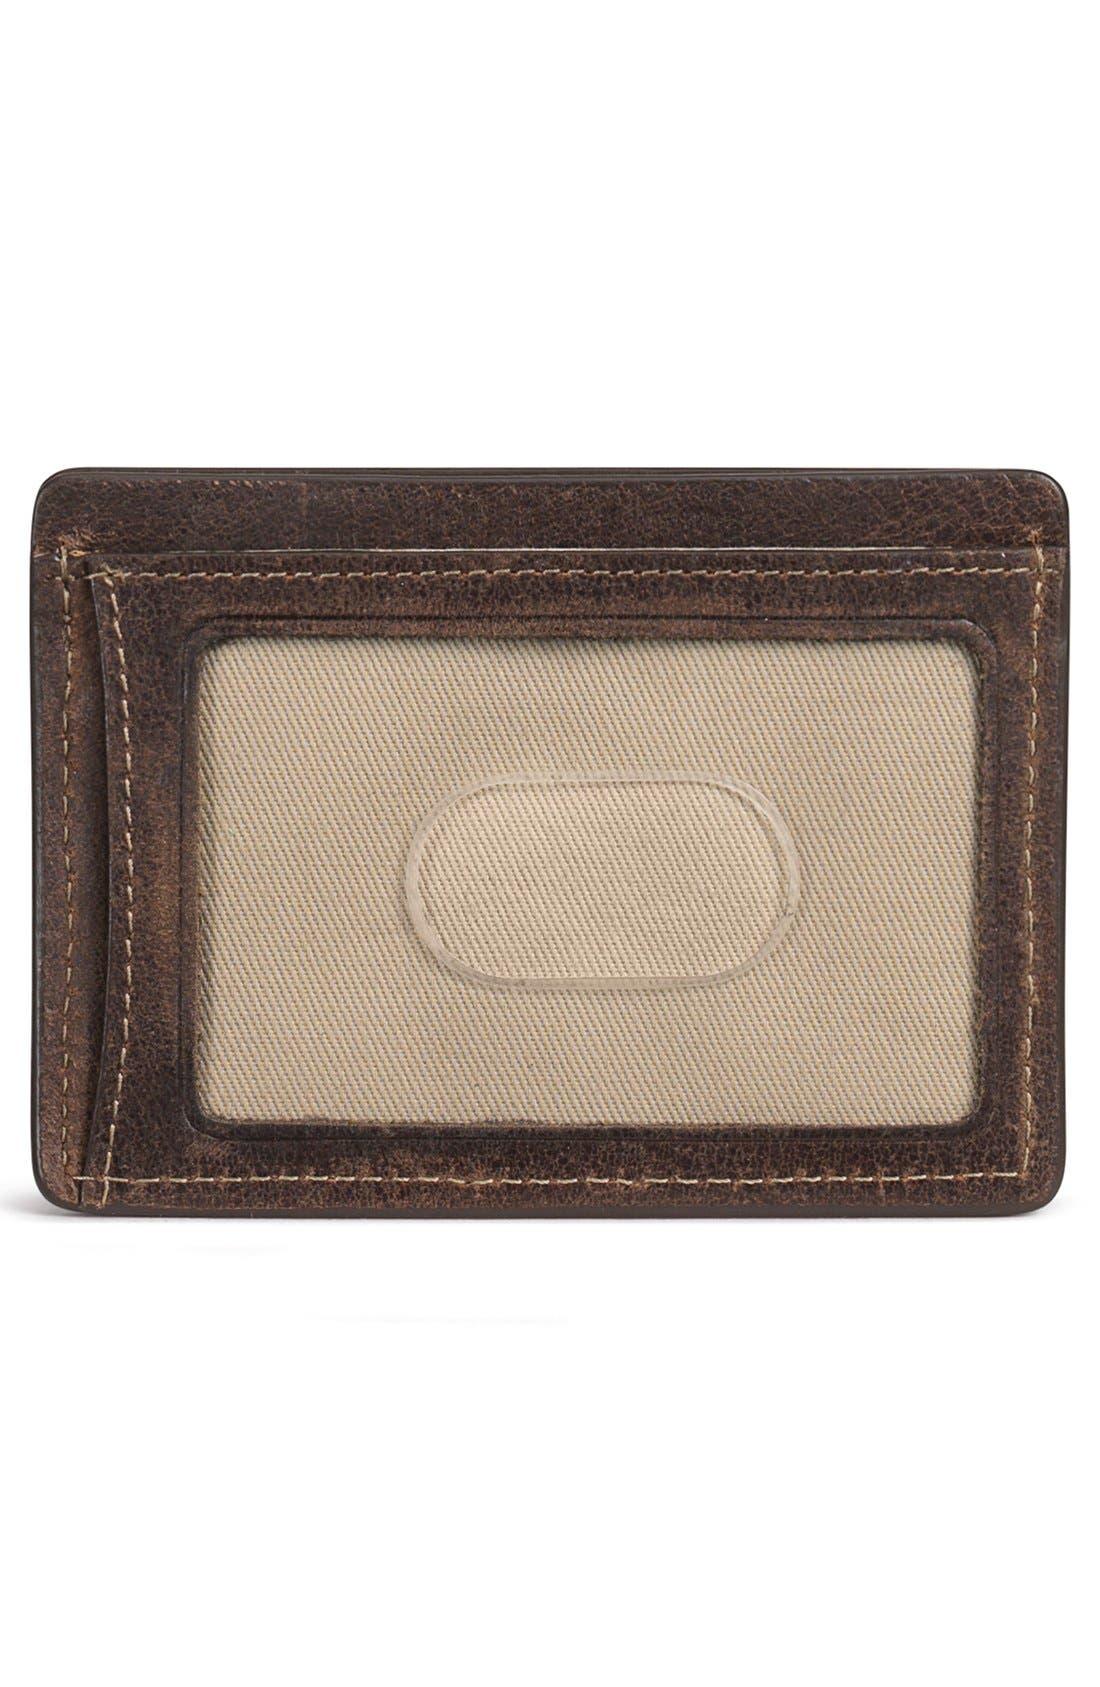 Alternate Image 2  - Trask 'Jackson' Bison Leather Card Case